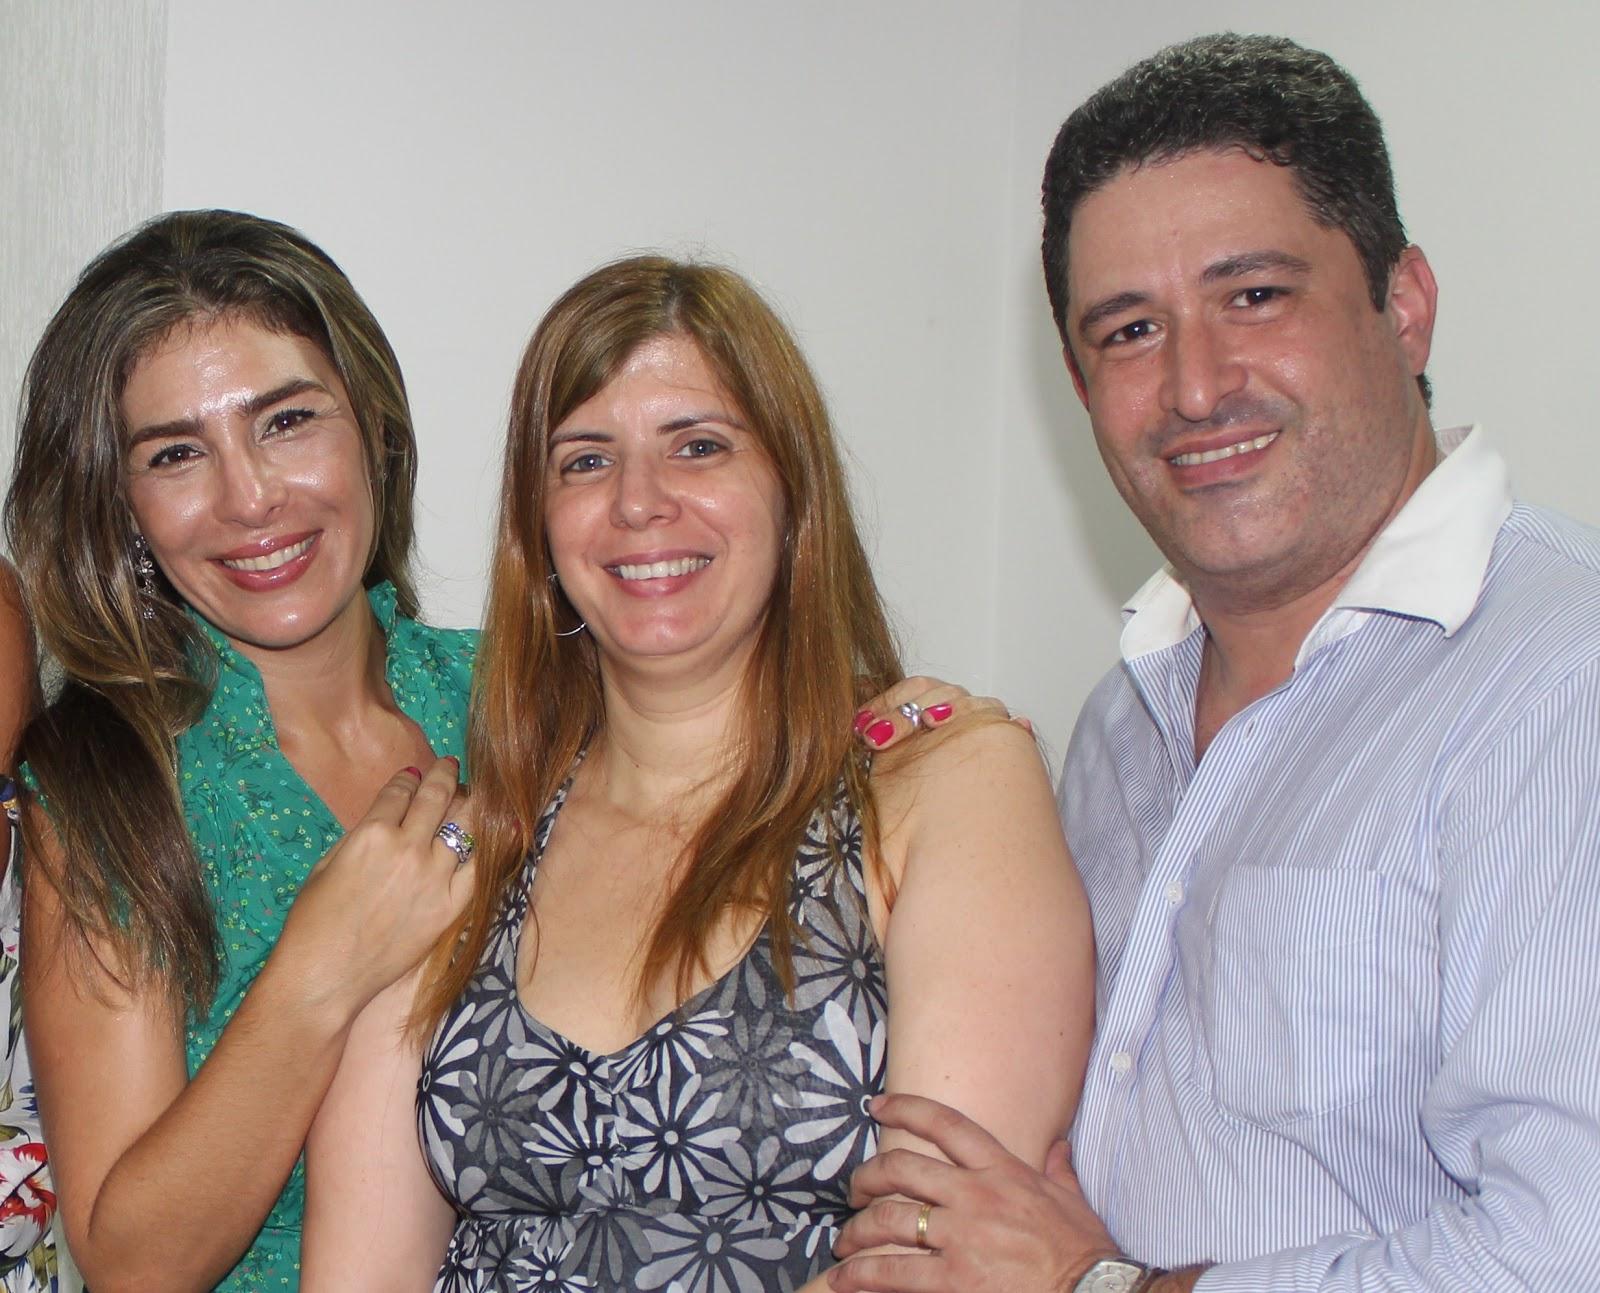 http://4.bp.blogspot.com/-VTcKmzXYRgY/Tv3W8MDcz5I/AAAAAAAAD9E/rkmbA-fIVUc/s1600/004+-+Rebeca+Levy+%252C+M%25C3%25B4nica+Estellita+%2528diretora+da+EP+viagens%2529%252C+Alex+Dissat+%2528diretor+4+cantos+turismo%2529.JPG